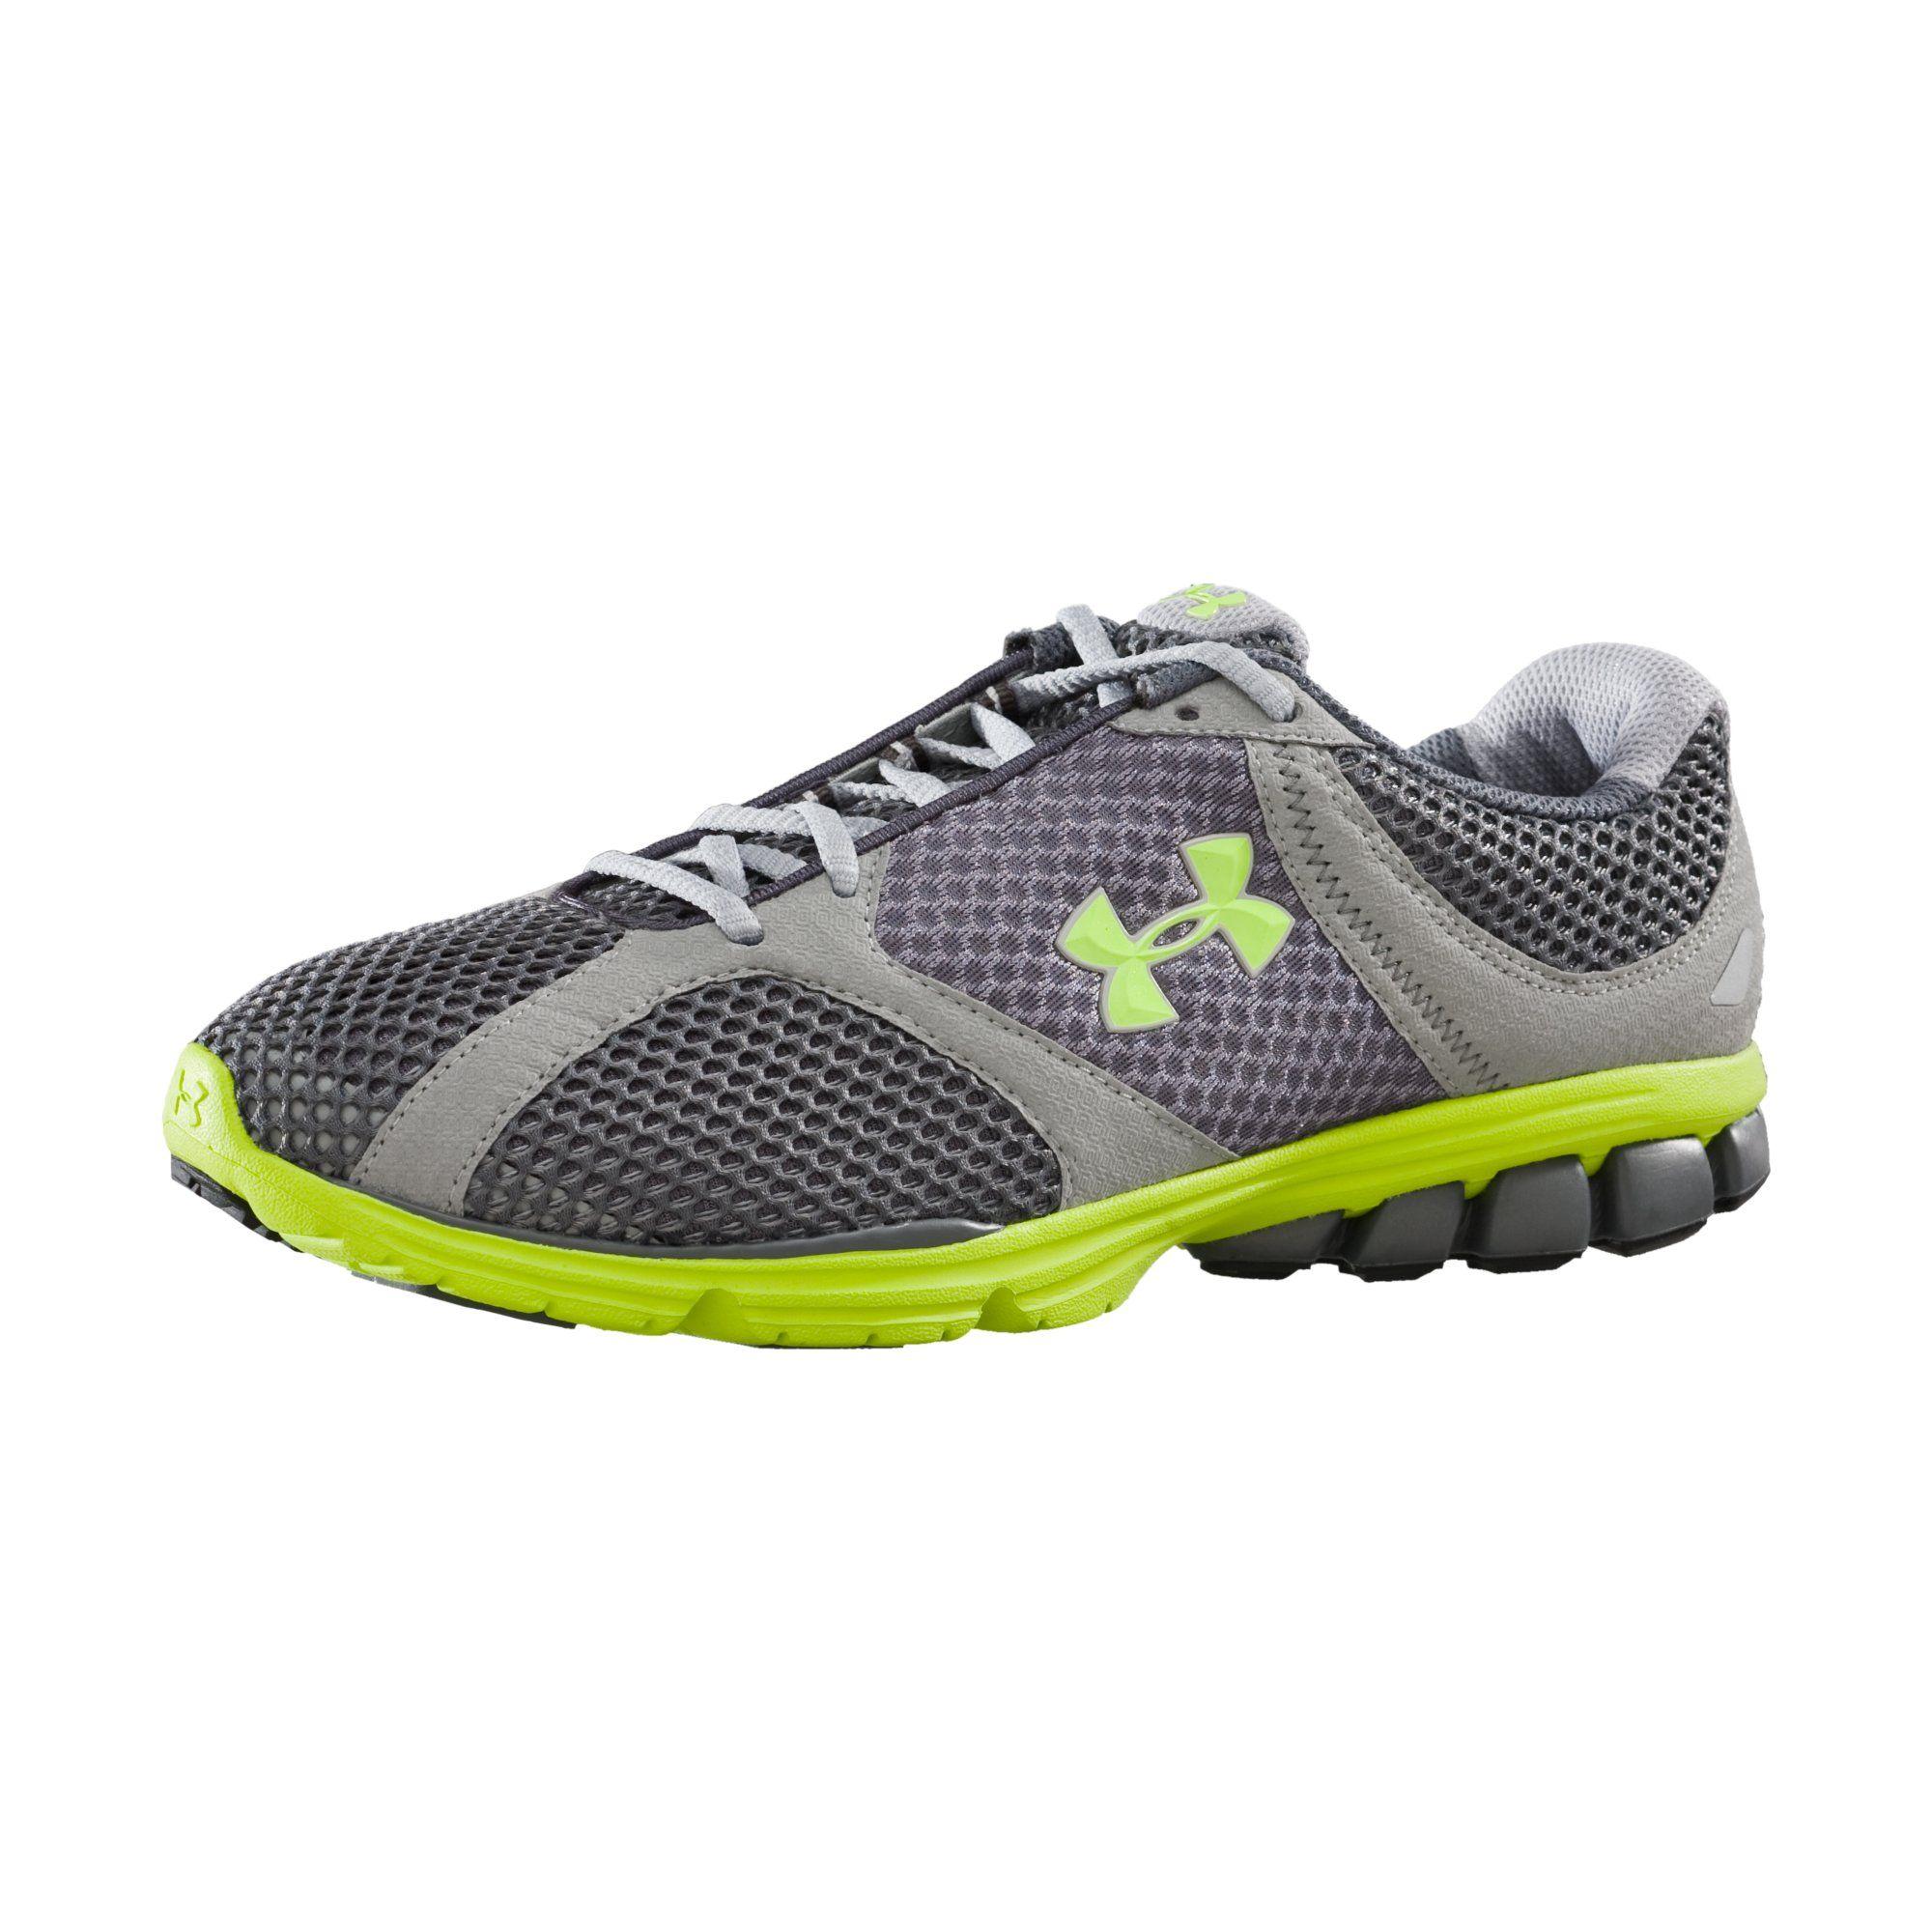 Under Armour Men's UA Assert Running Shoes